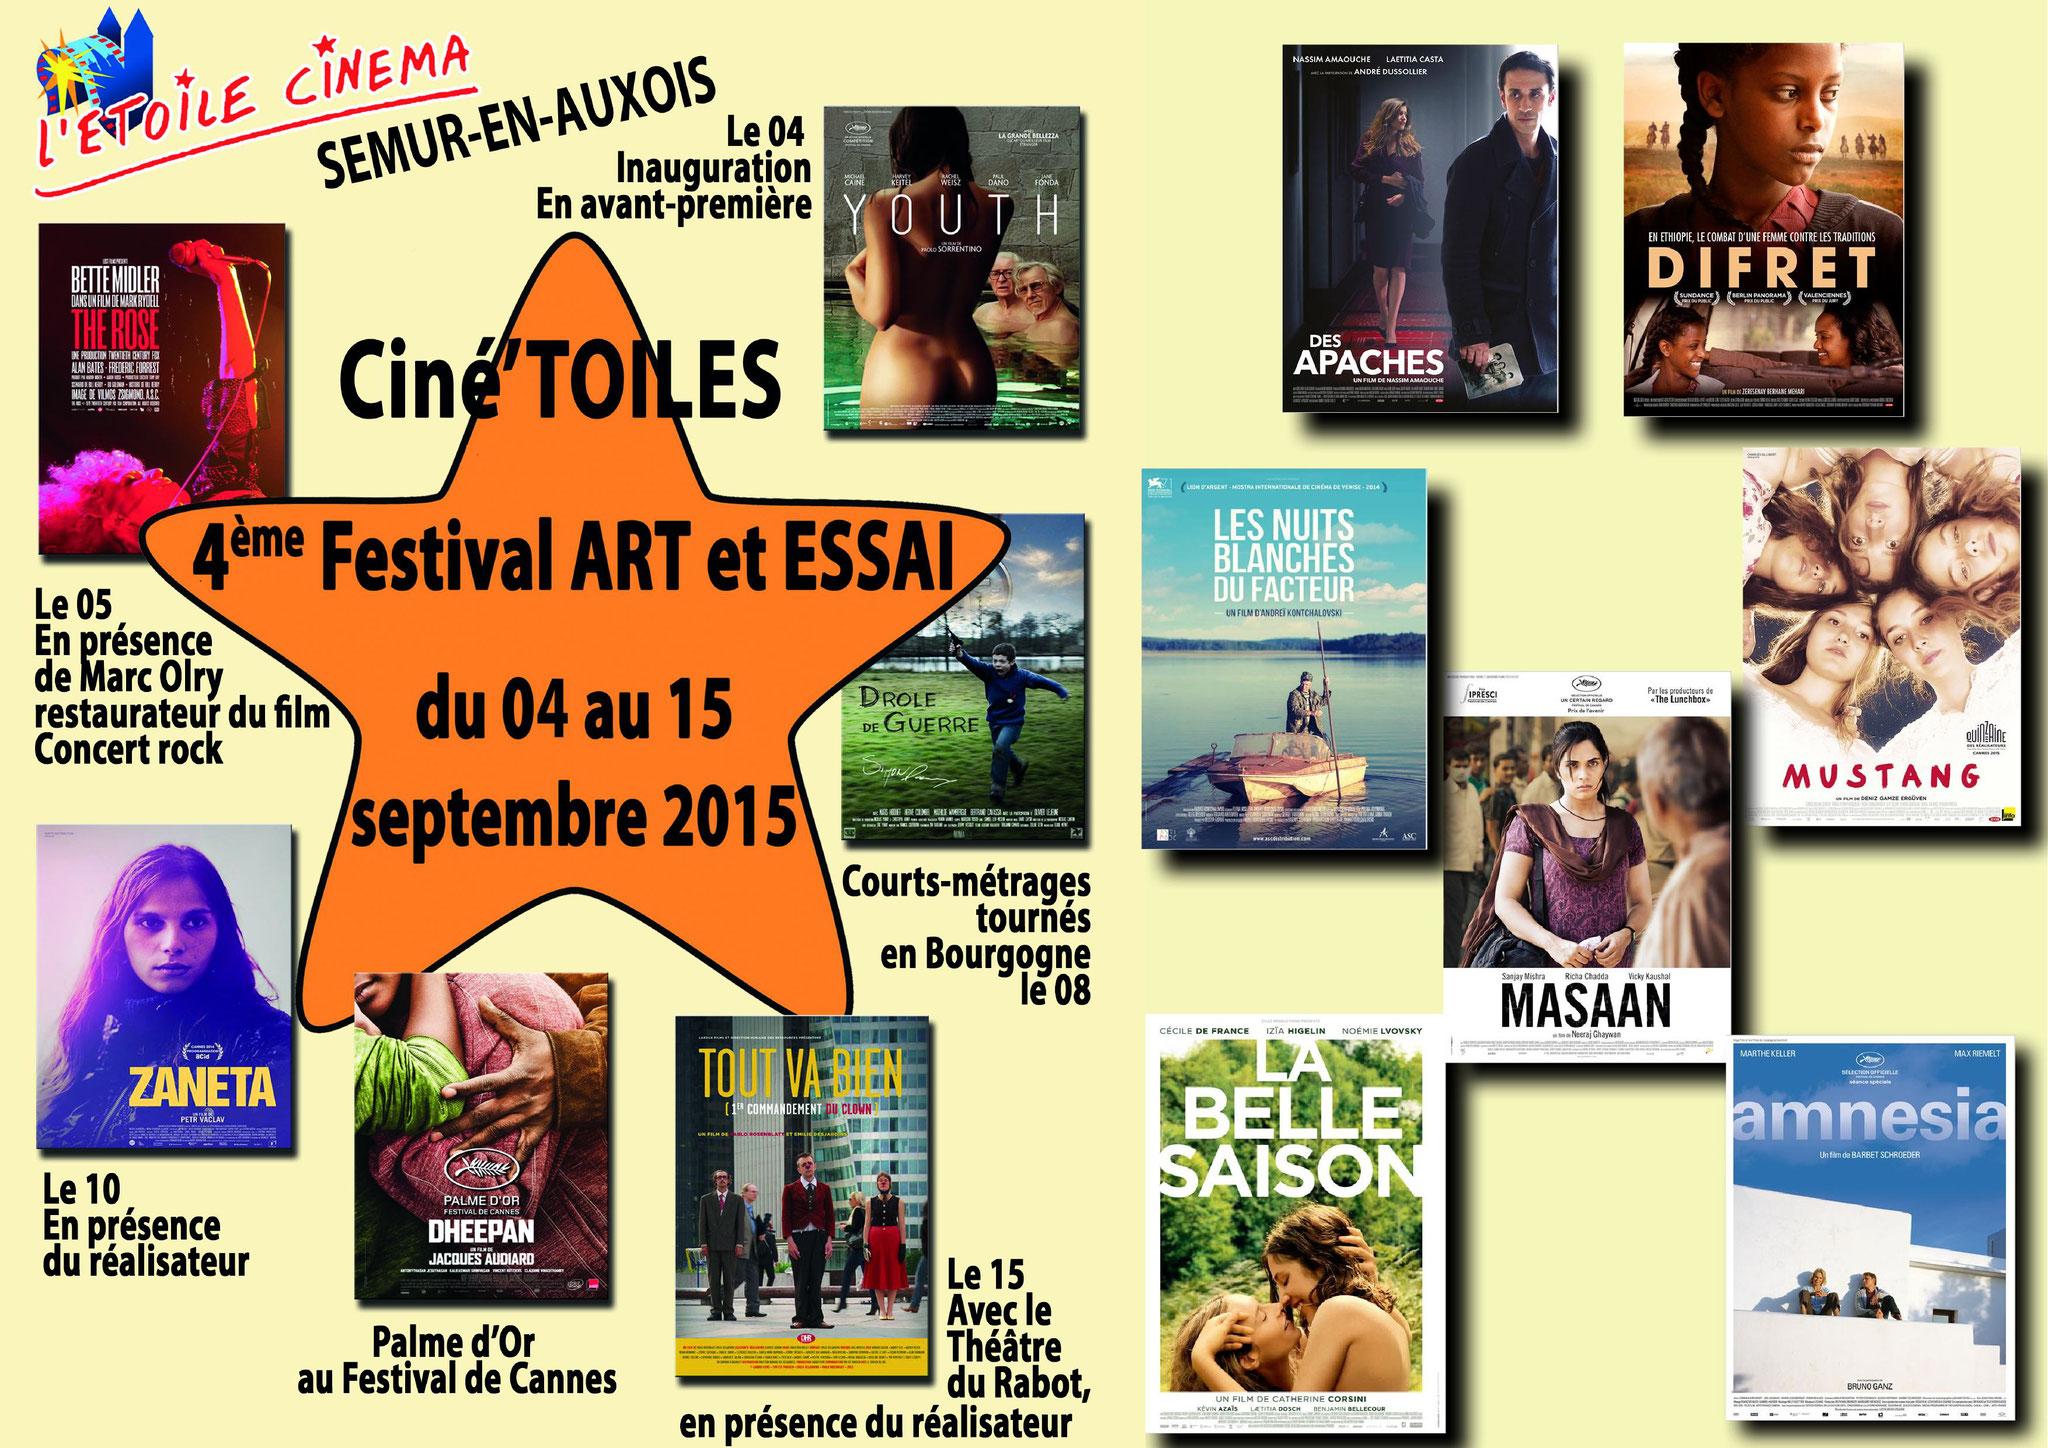 Festival Ciné'toiles 2015